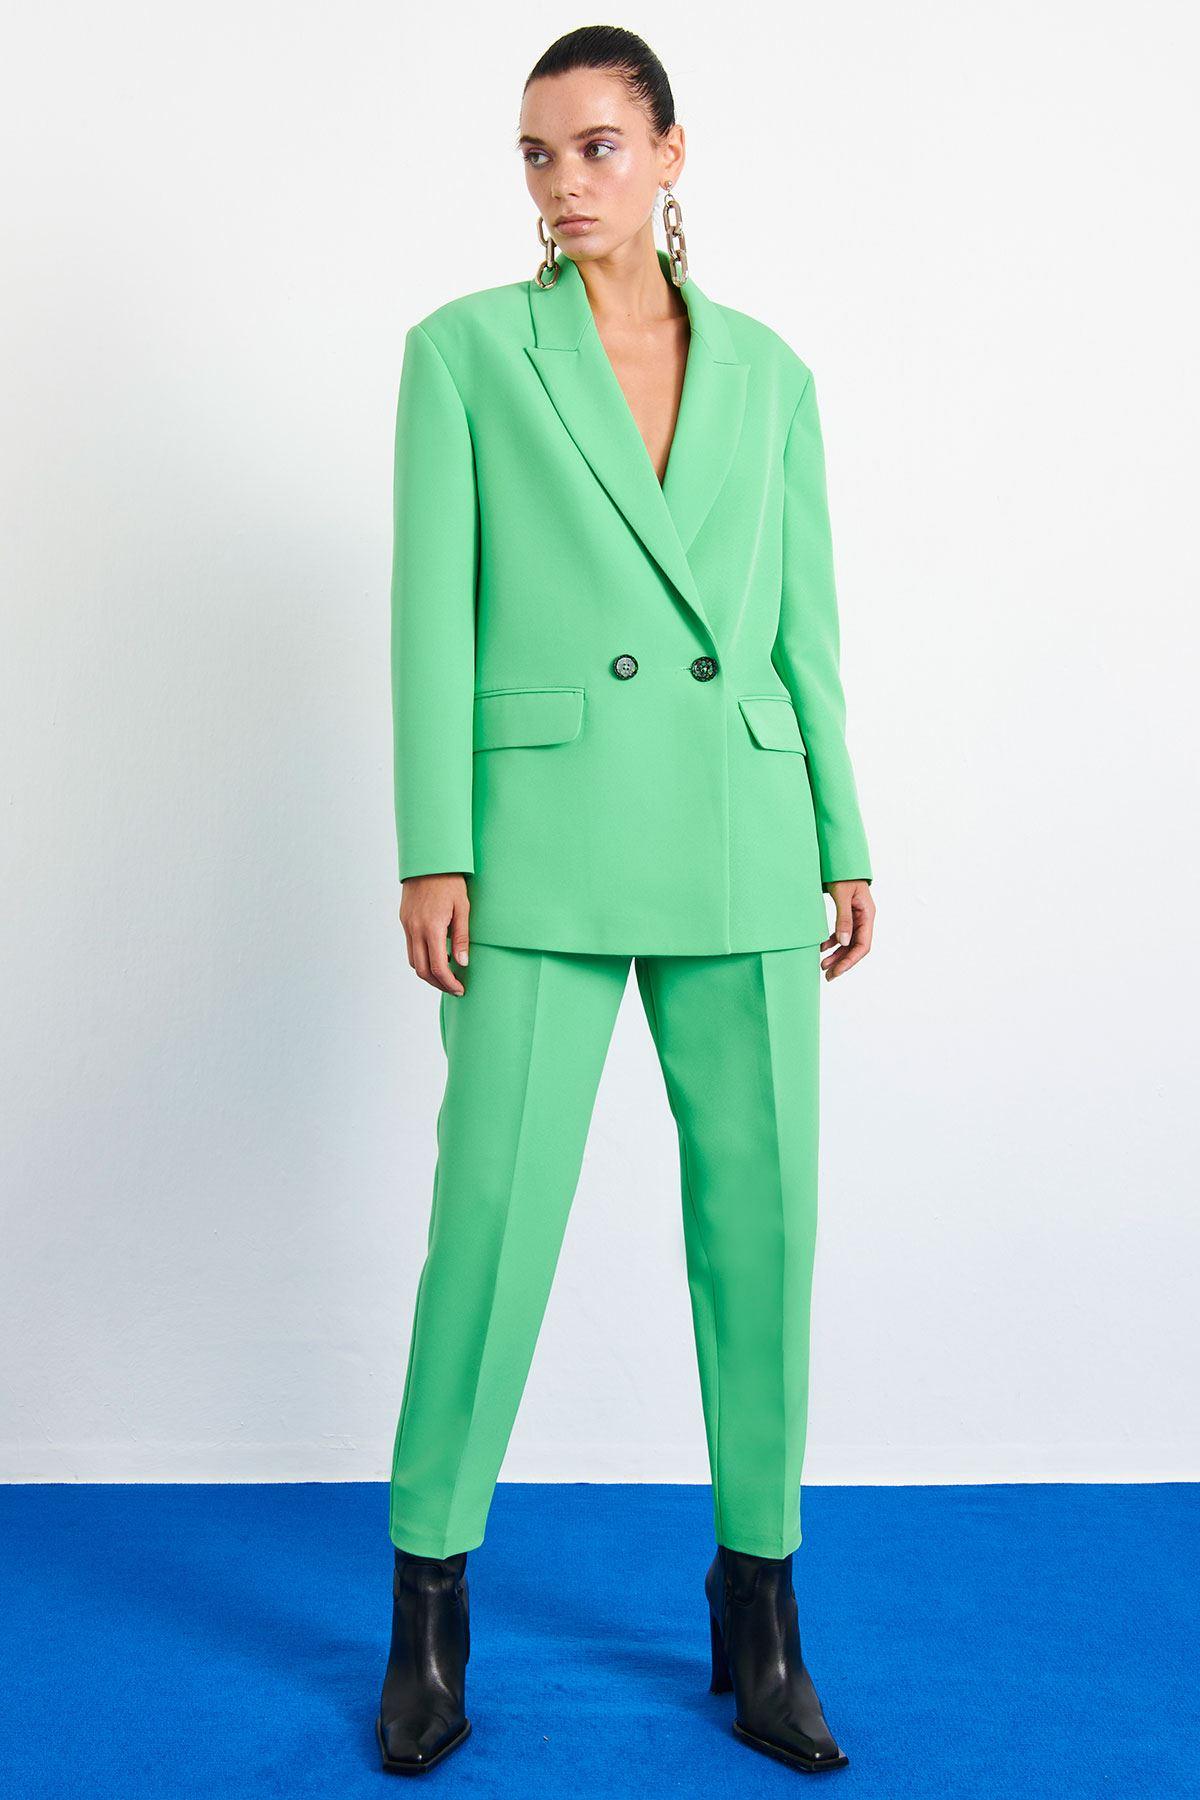 Neon Blazer Ceket Fıstık Yeşili